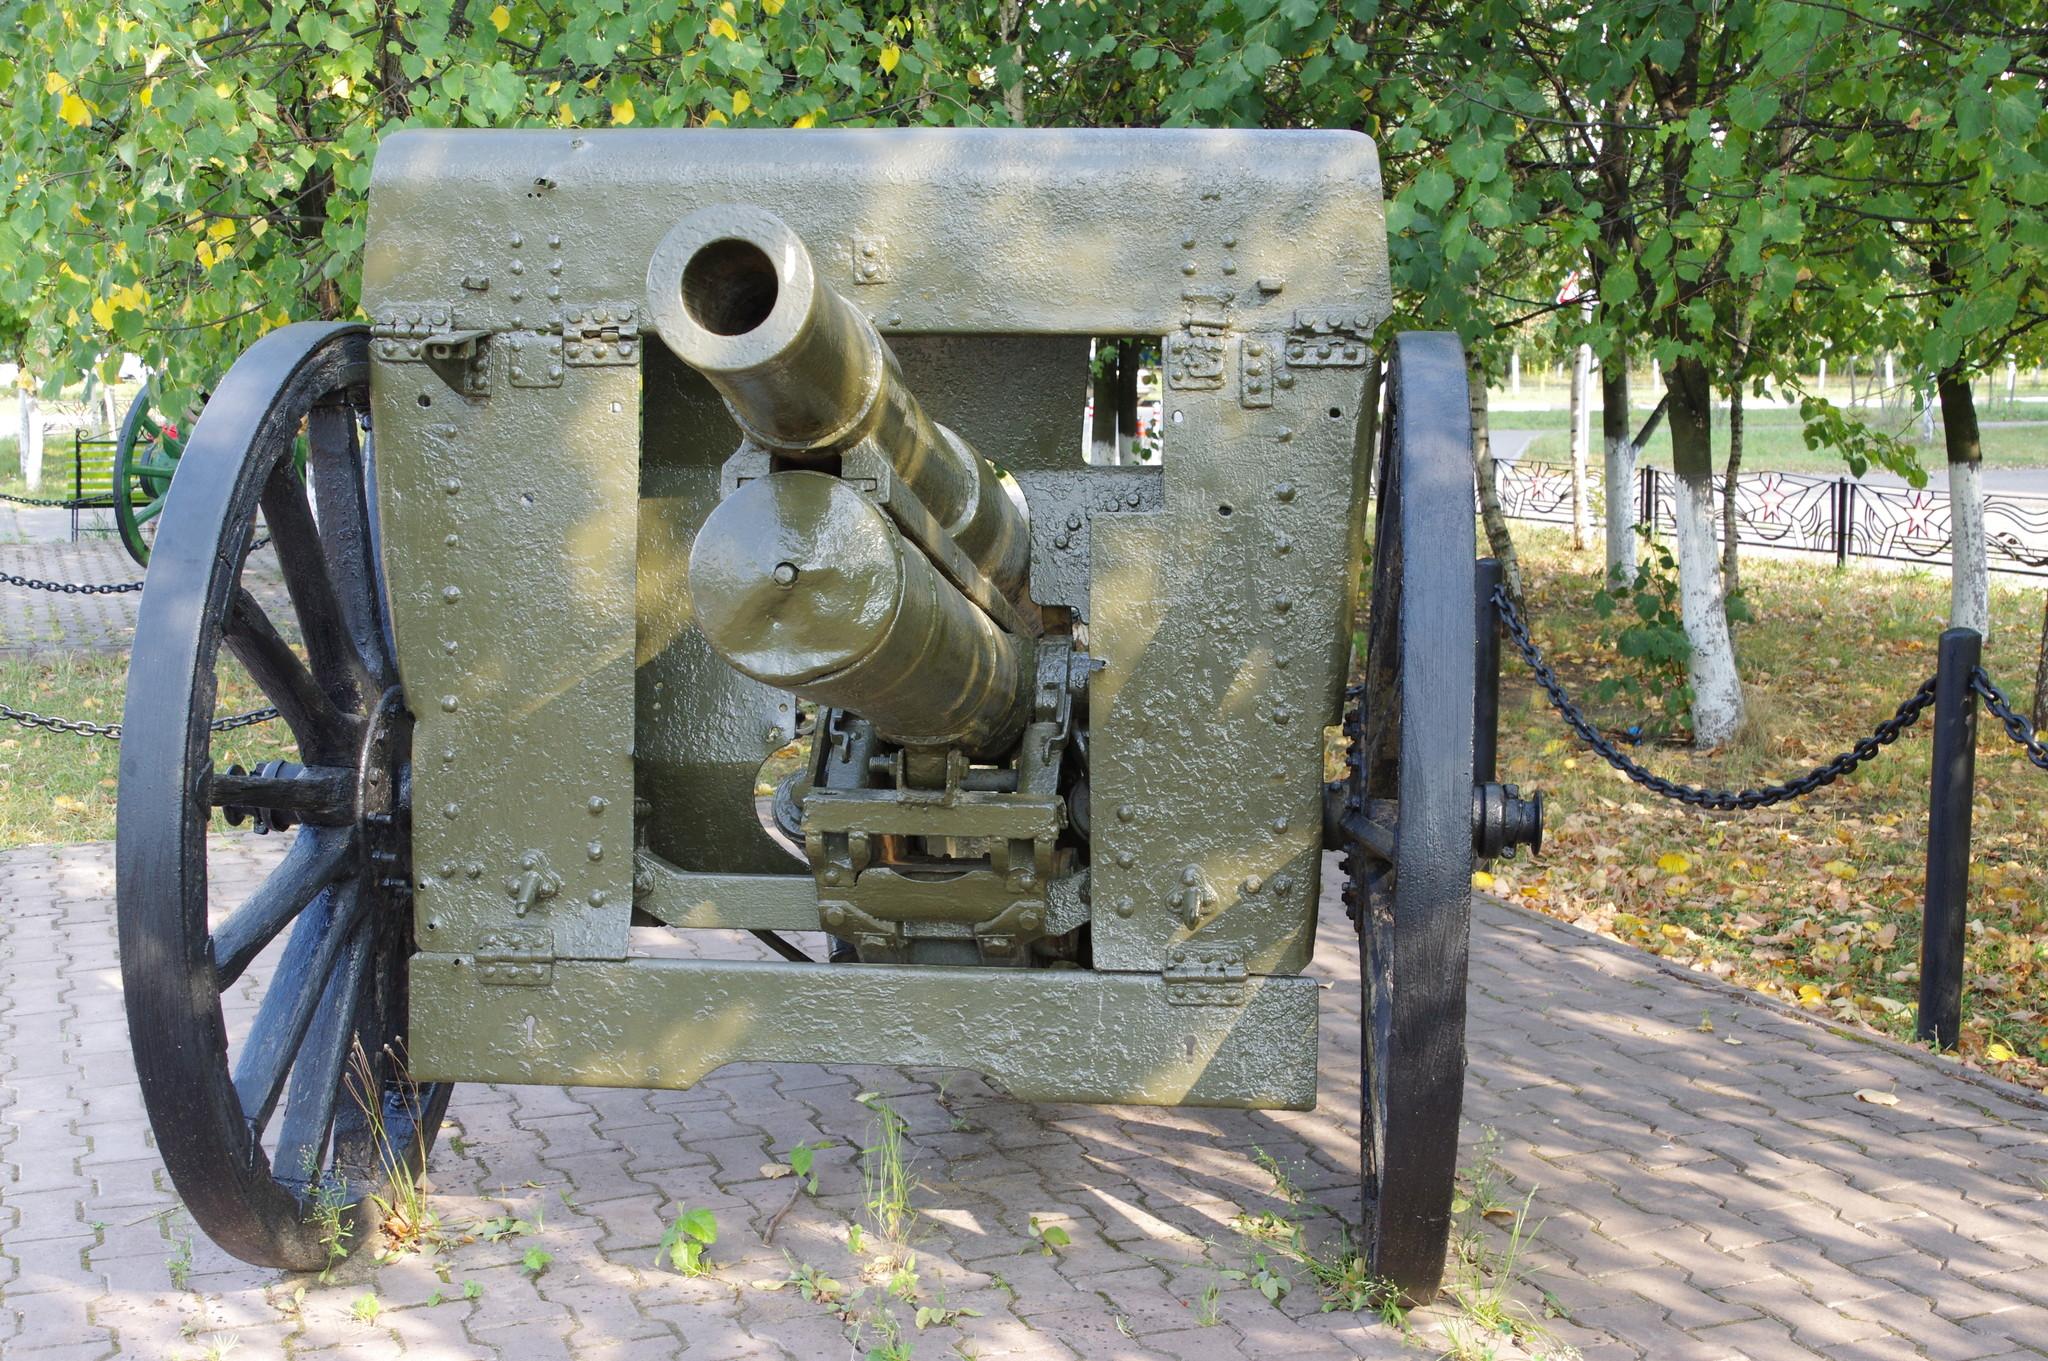 76-мм дивизионная пушка образца 1902/30 годов. (Московская область, город Краснознаменск. «Аллея Славы»)